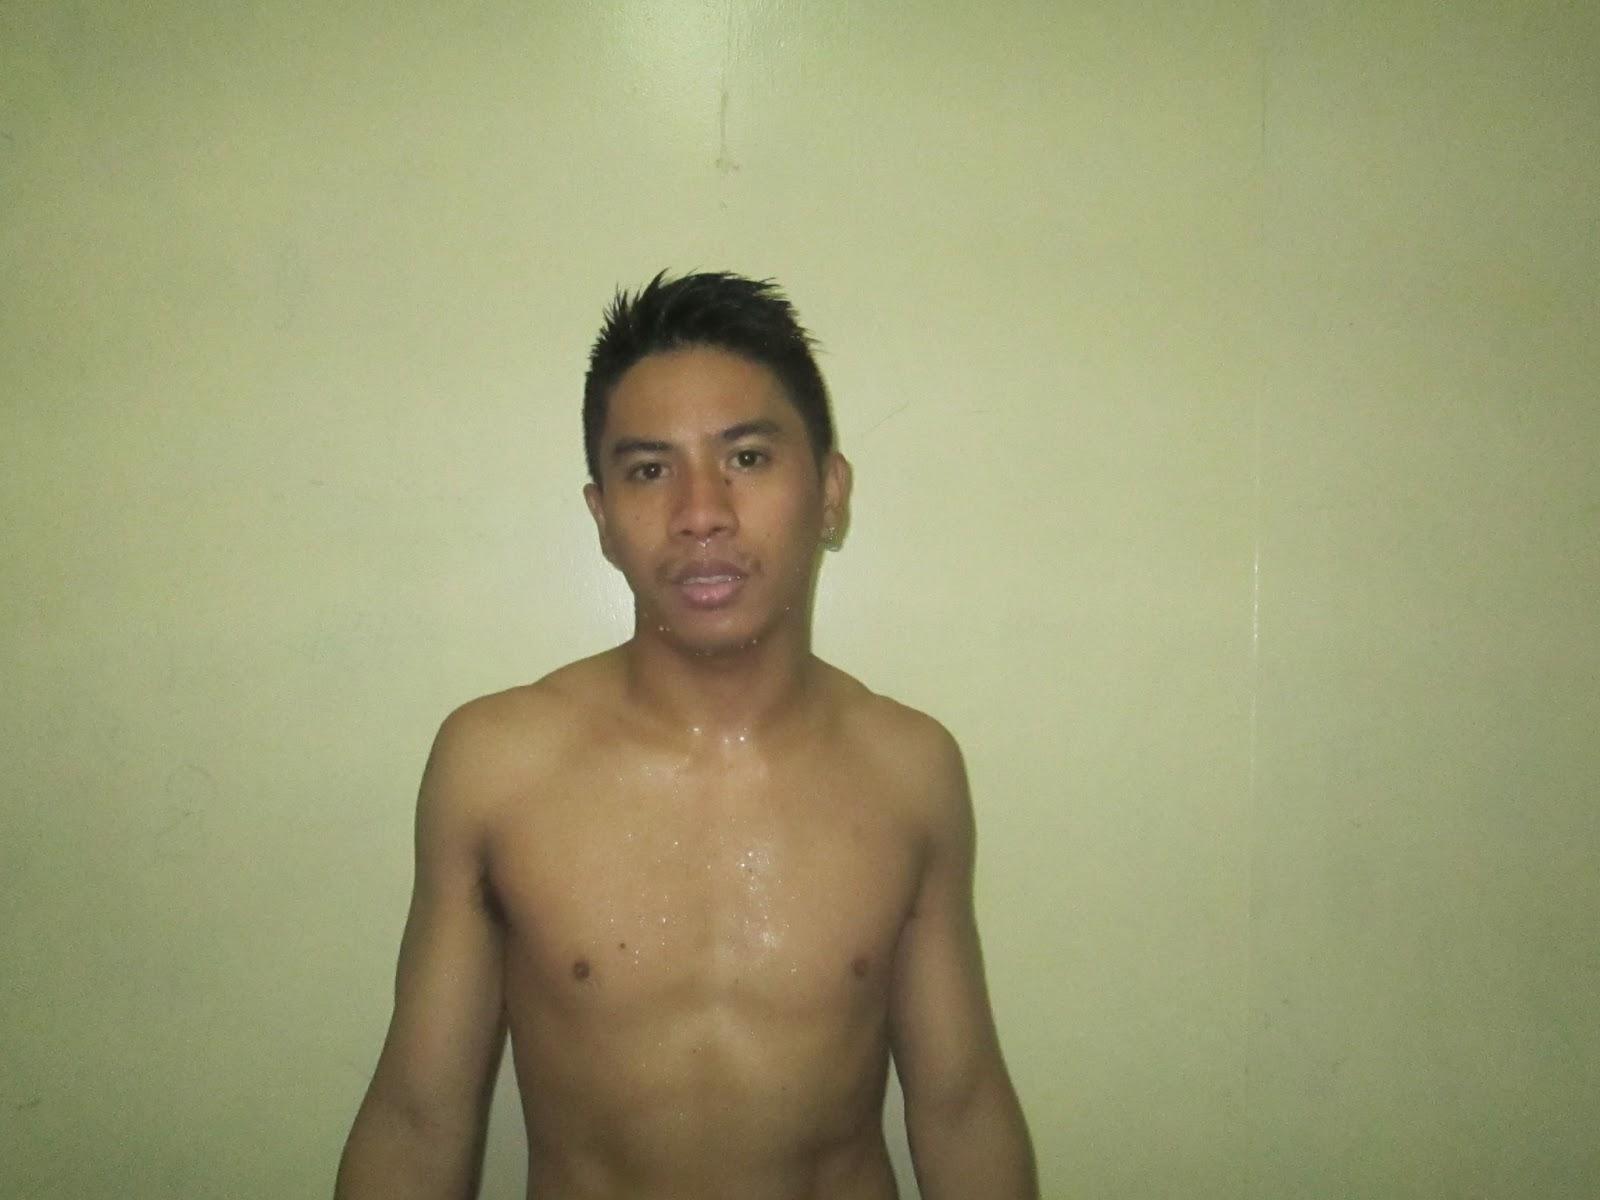 Pity, that Naked pinoy men good